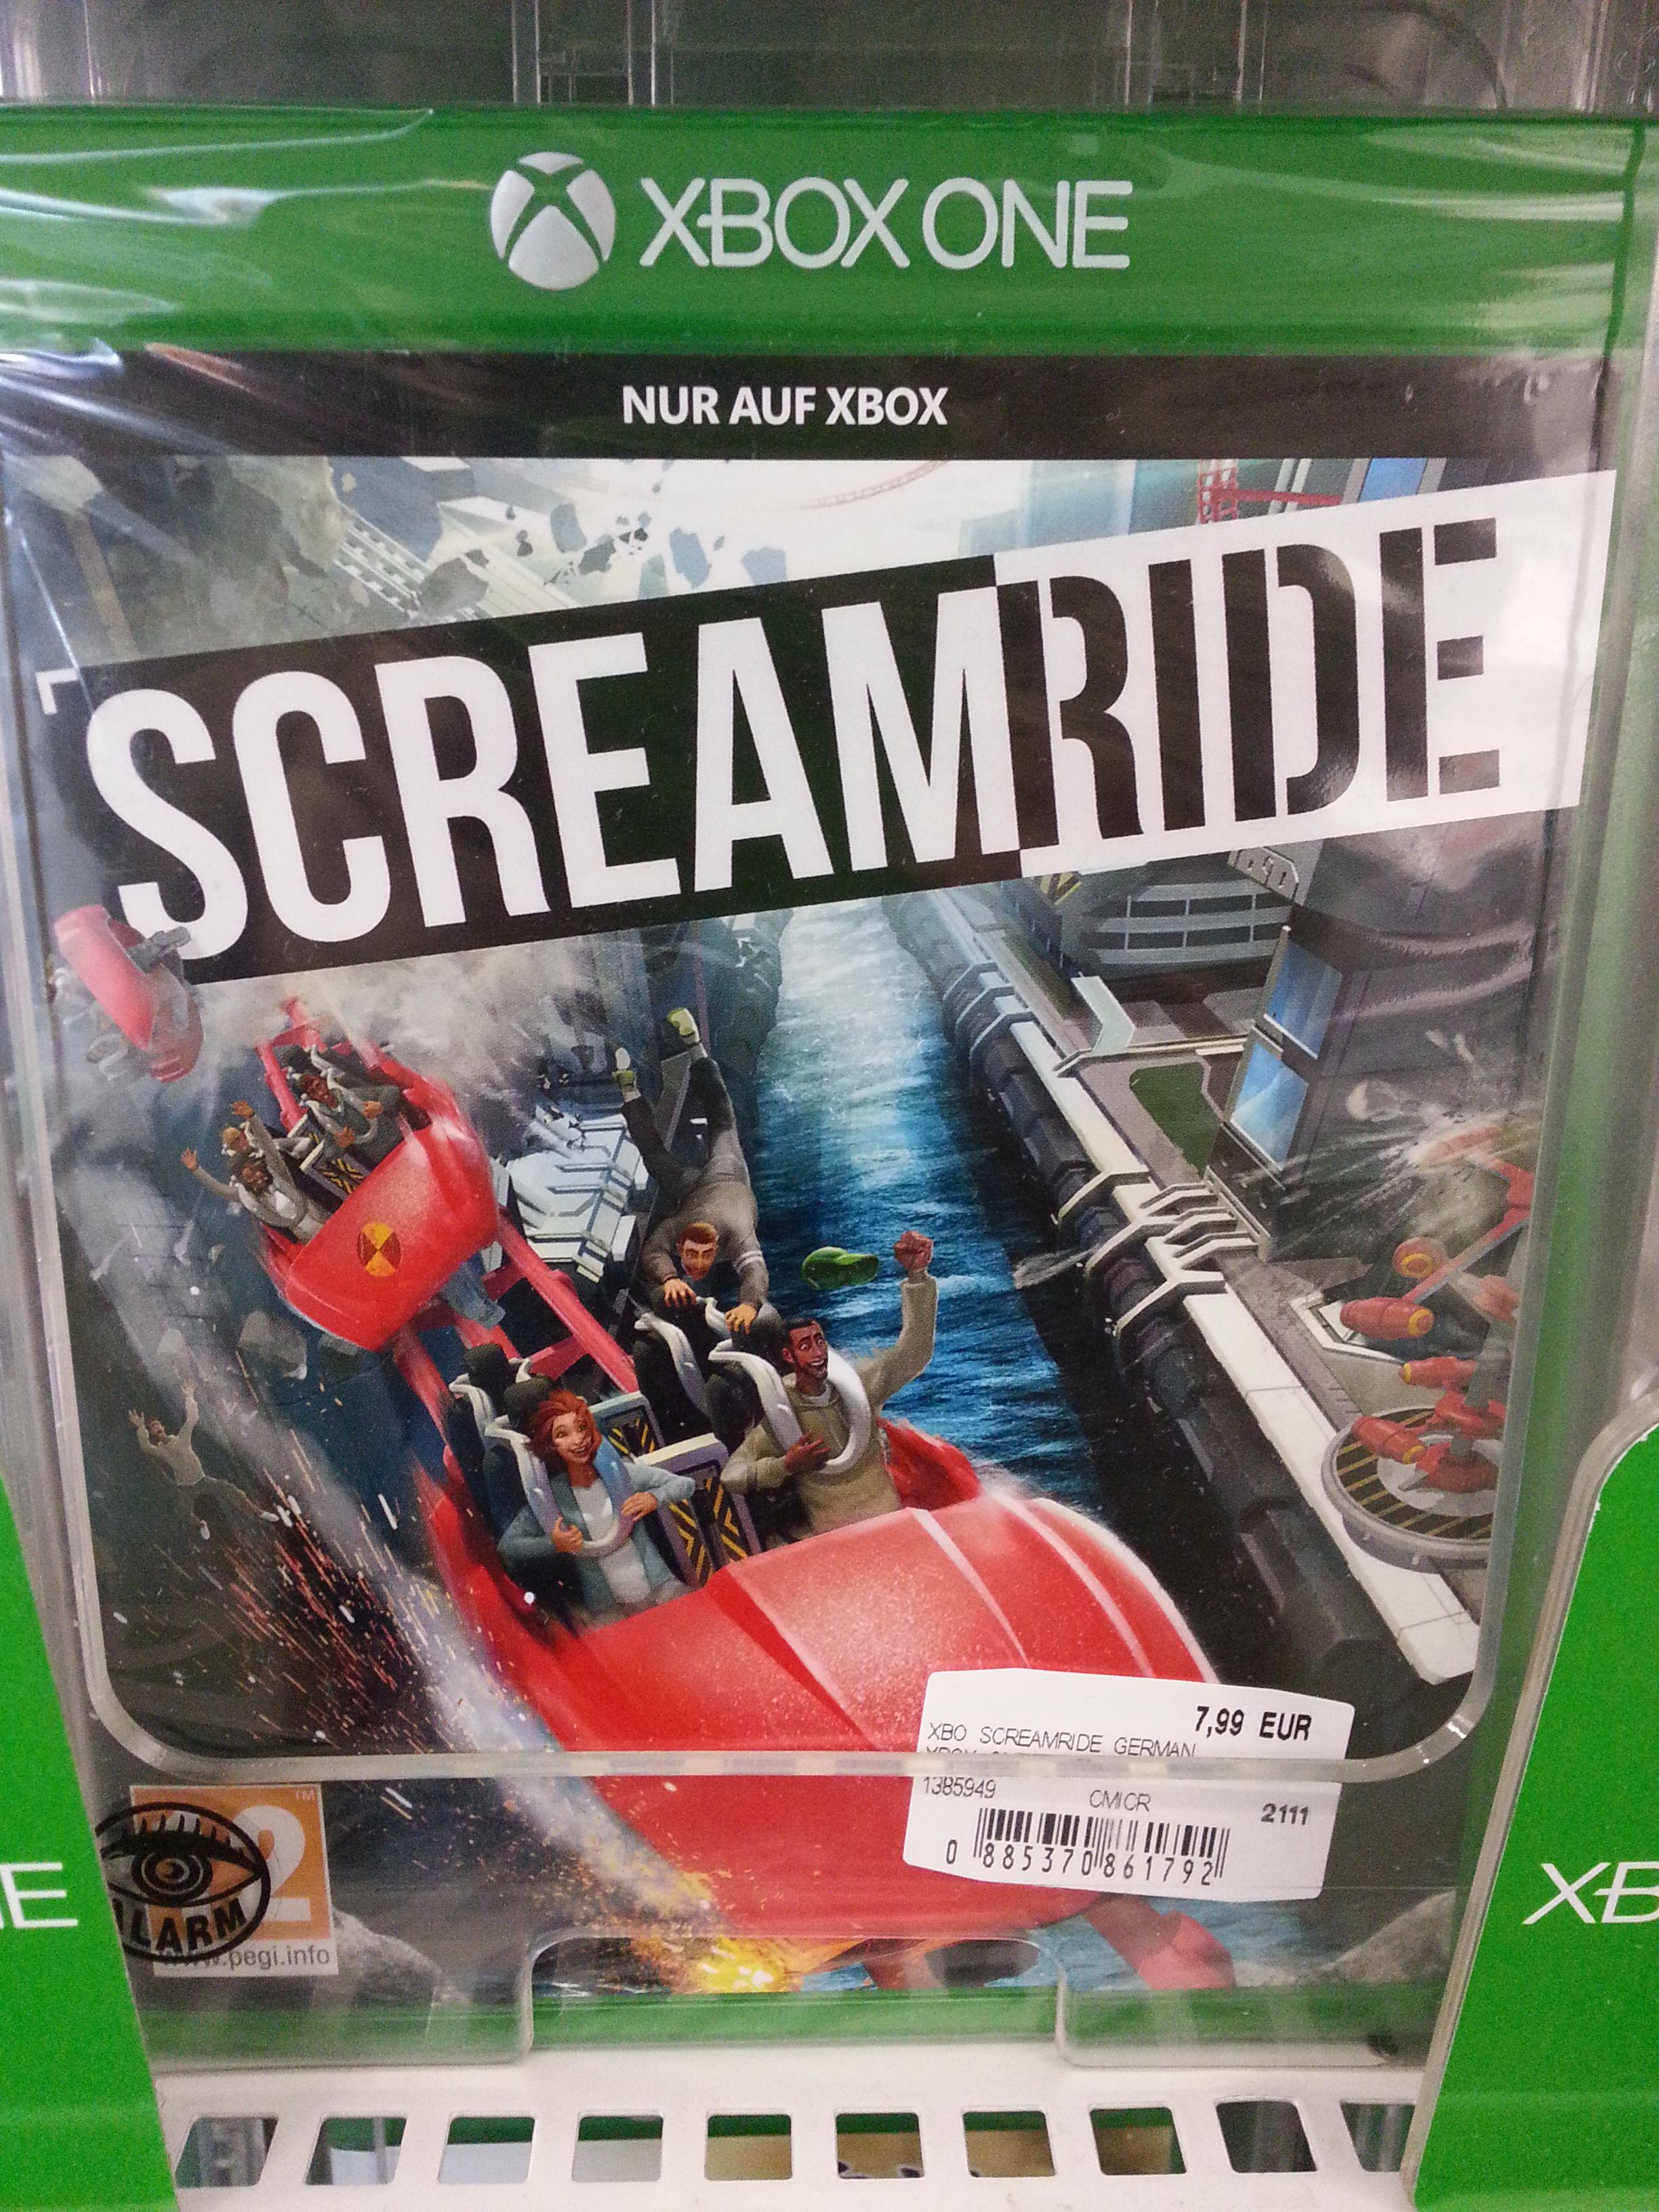 [Mediamarkt Lugner City] Xbox One Spiel Screamride